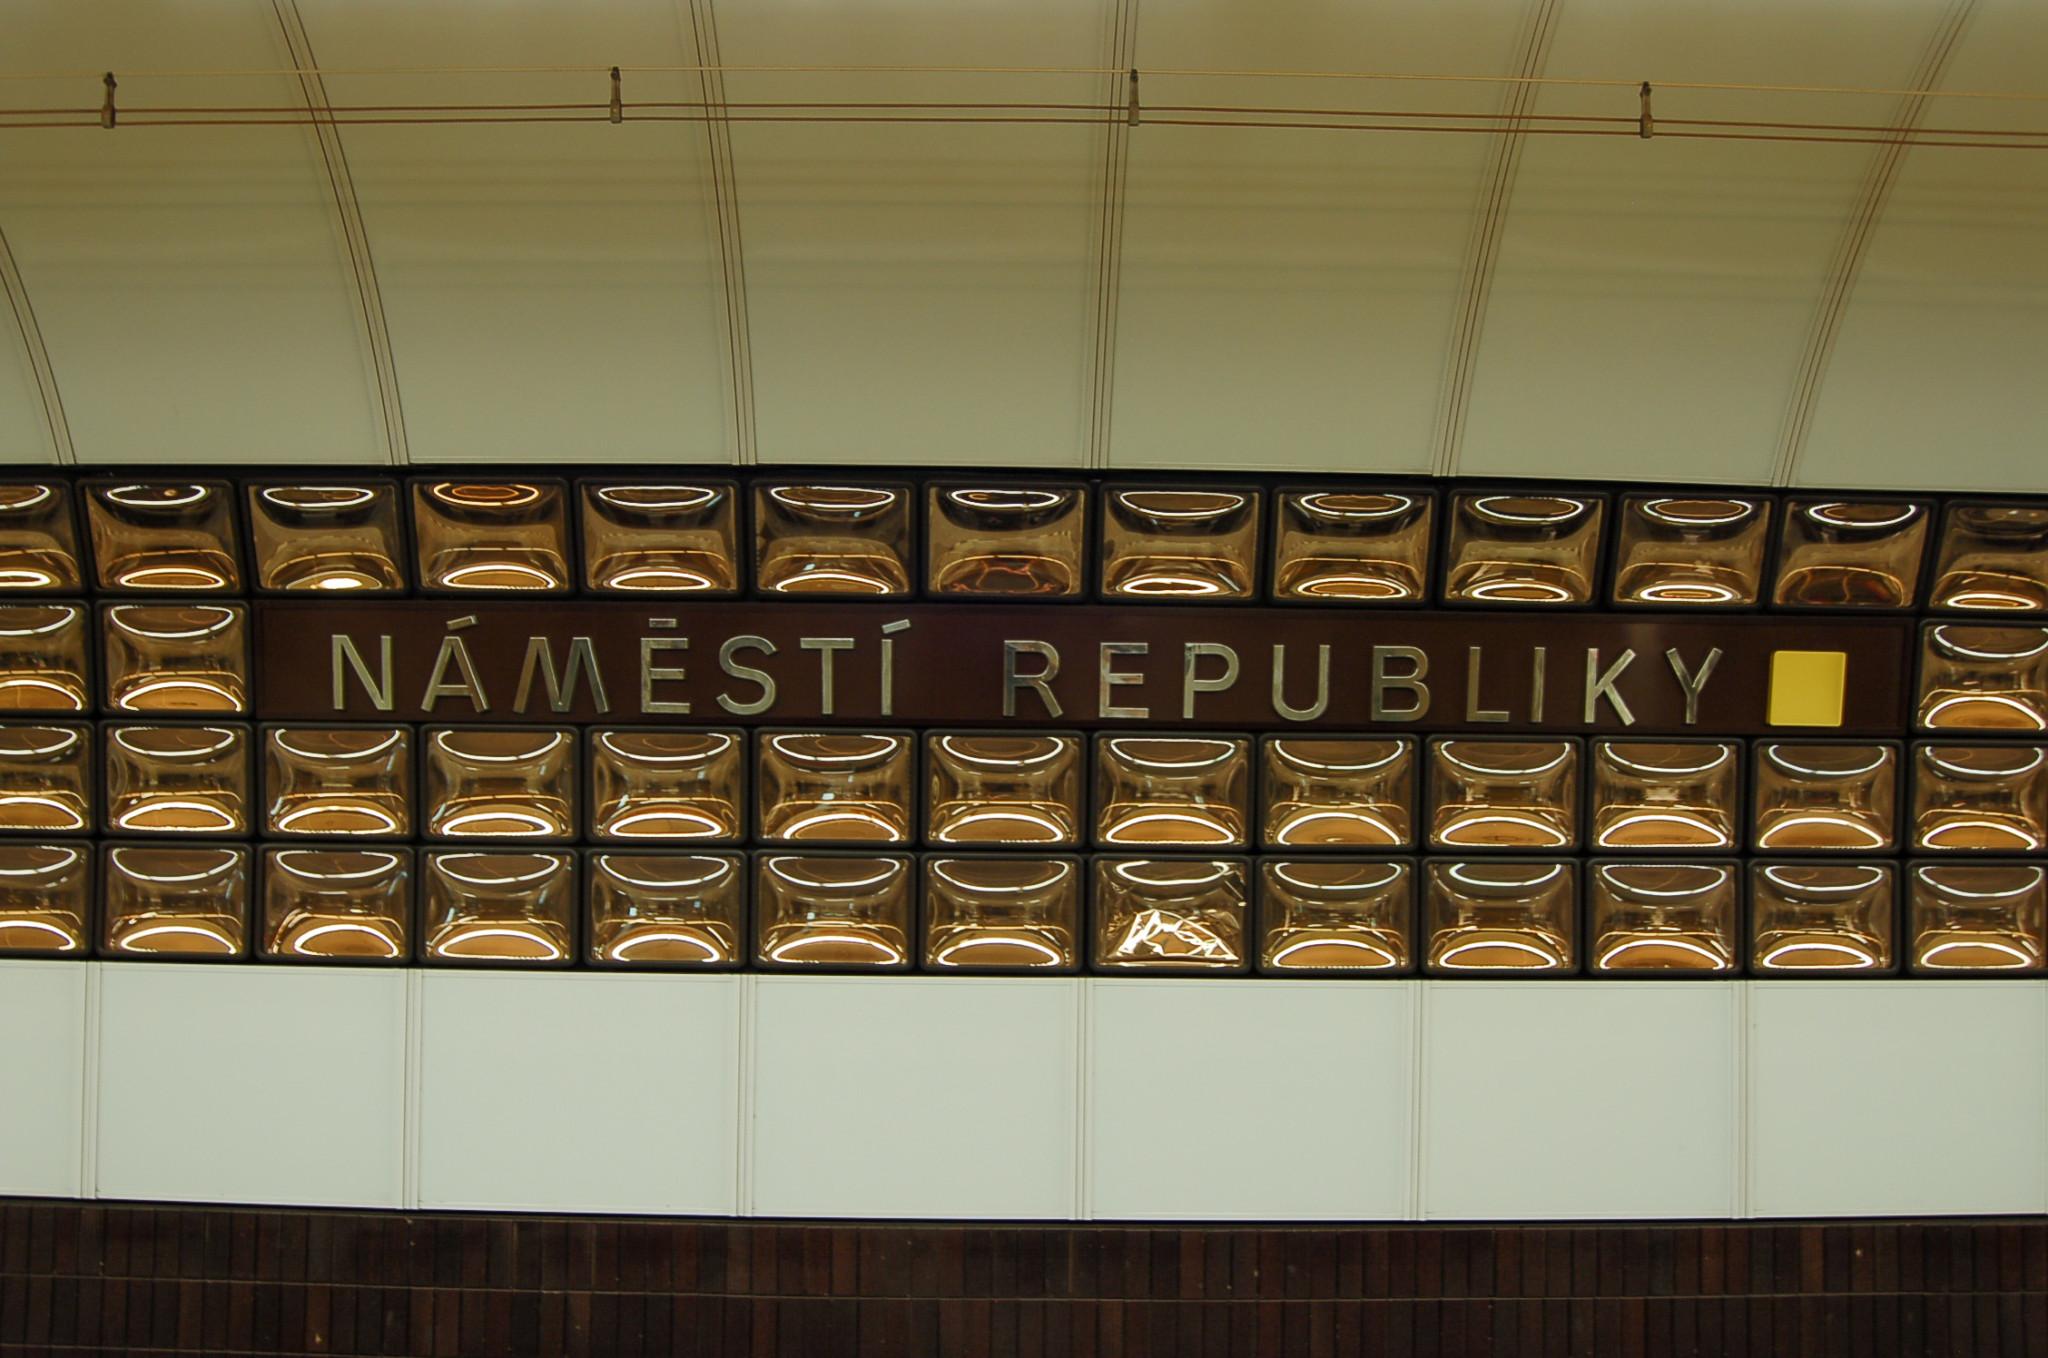 Schöne Metro-Stationen gibt es in der tschechischen Metropole überall